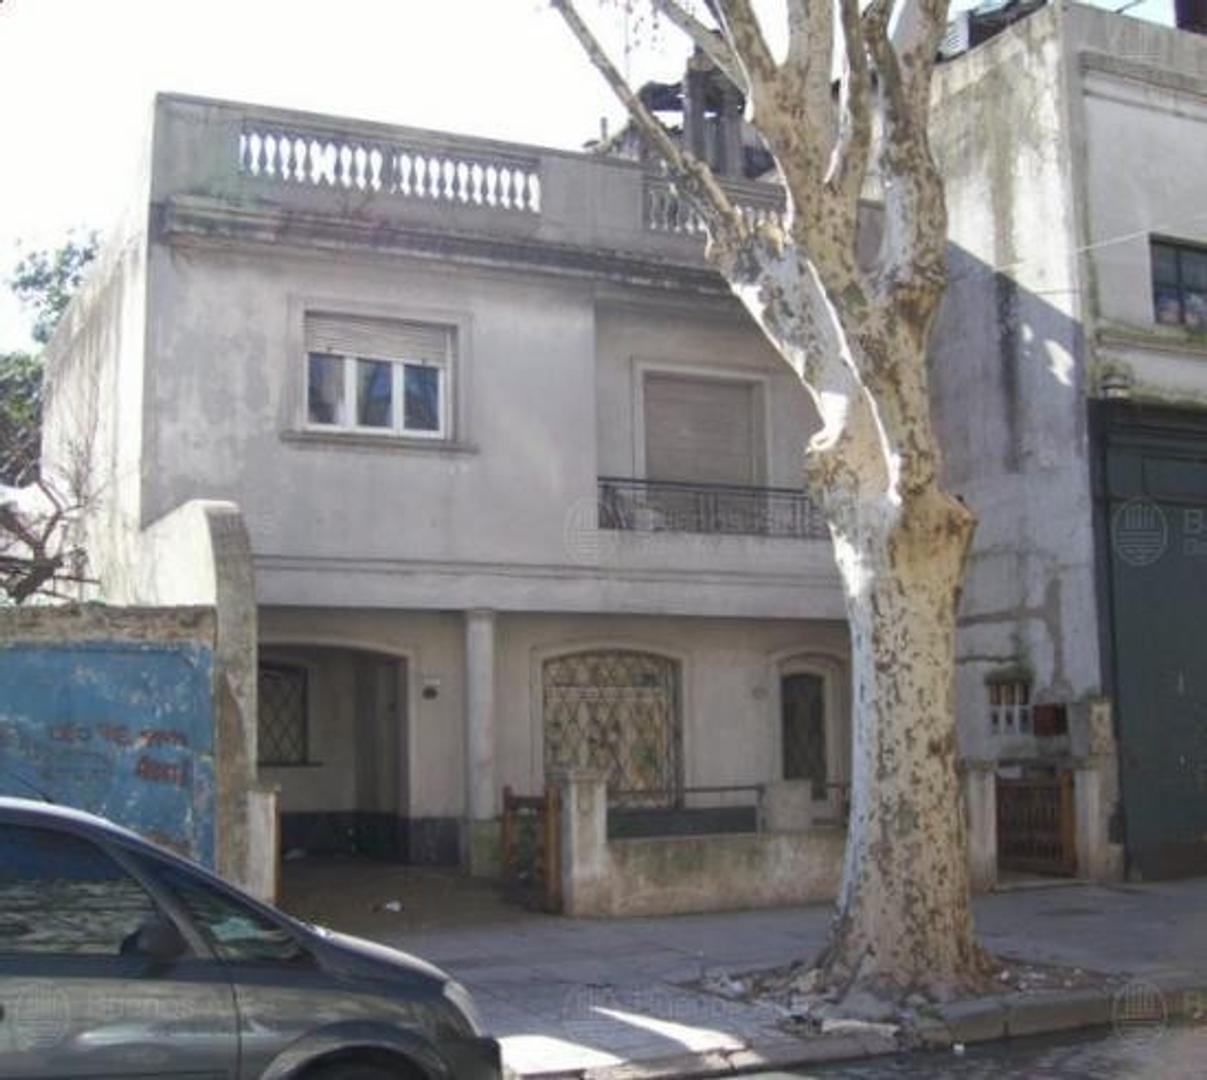 Lote en venta en Paternal - límite con Villa Crespo